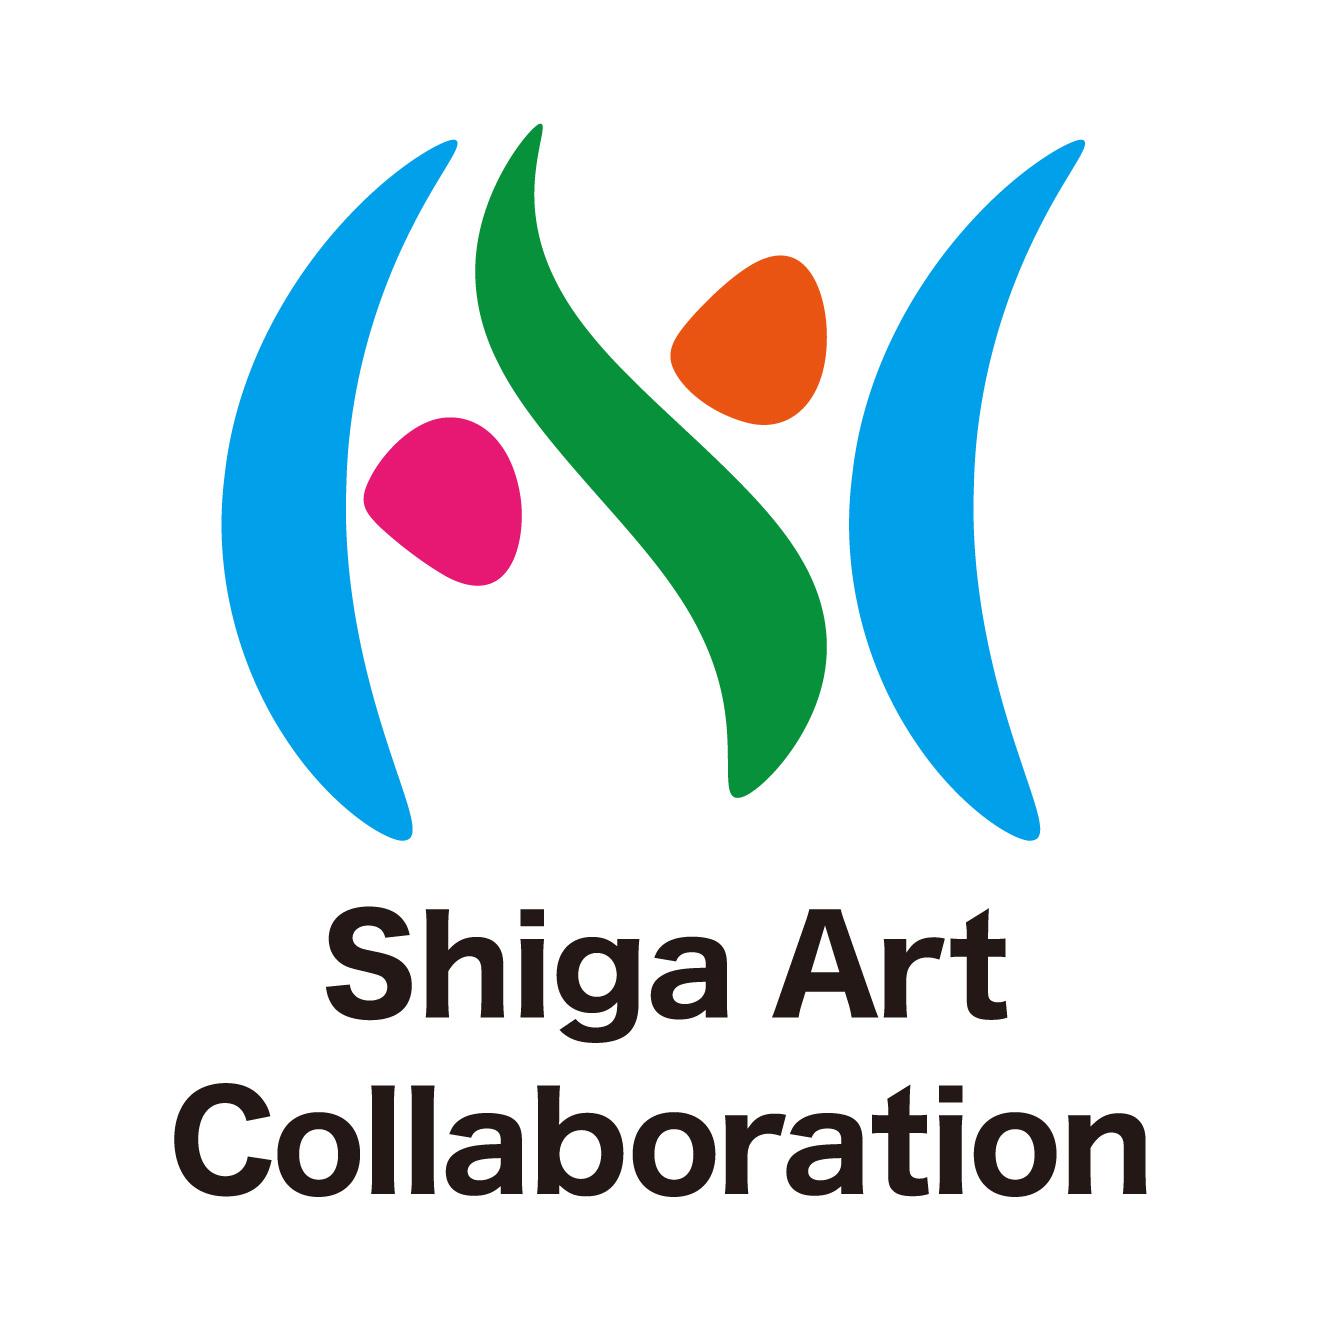 アートコラボレーション事業ロゴ カラー(JPG形式 690KB)